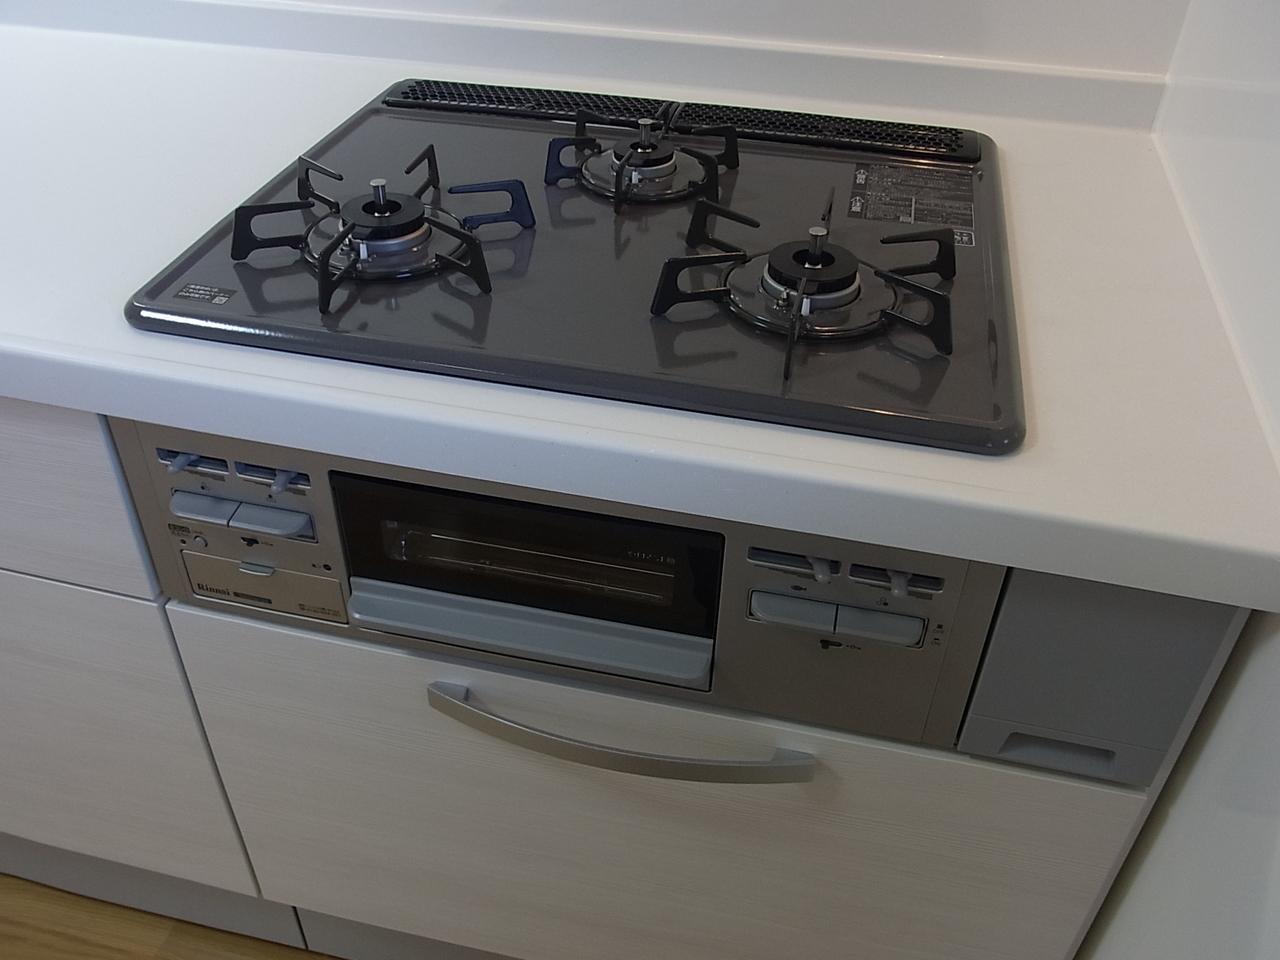 機能的な三口のシステムキッチンでお料理も楽しく進みそうです!